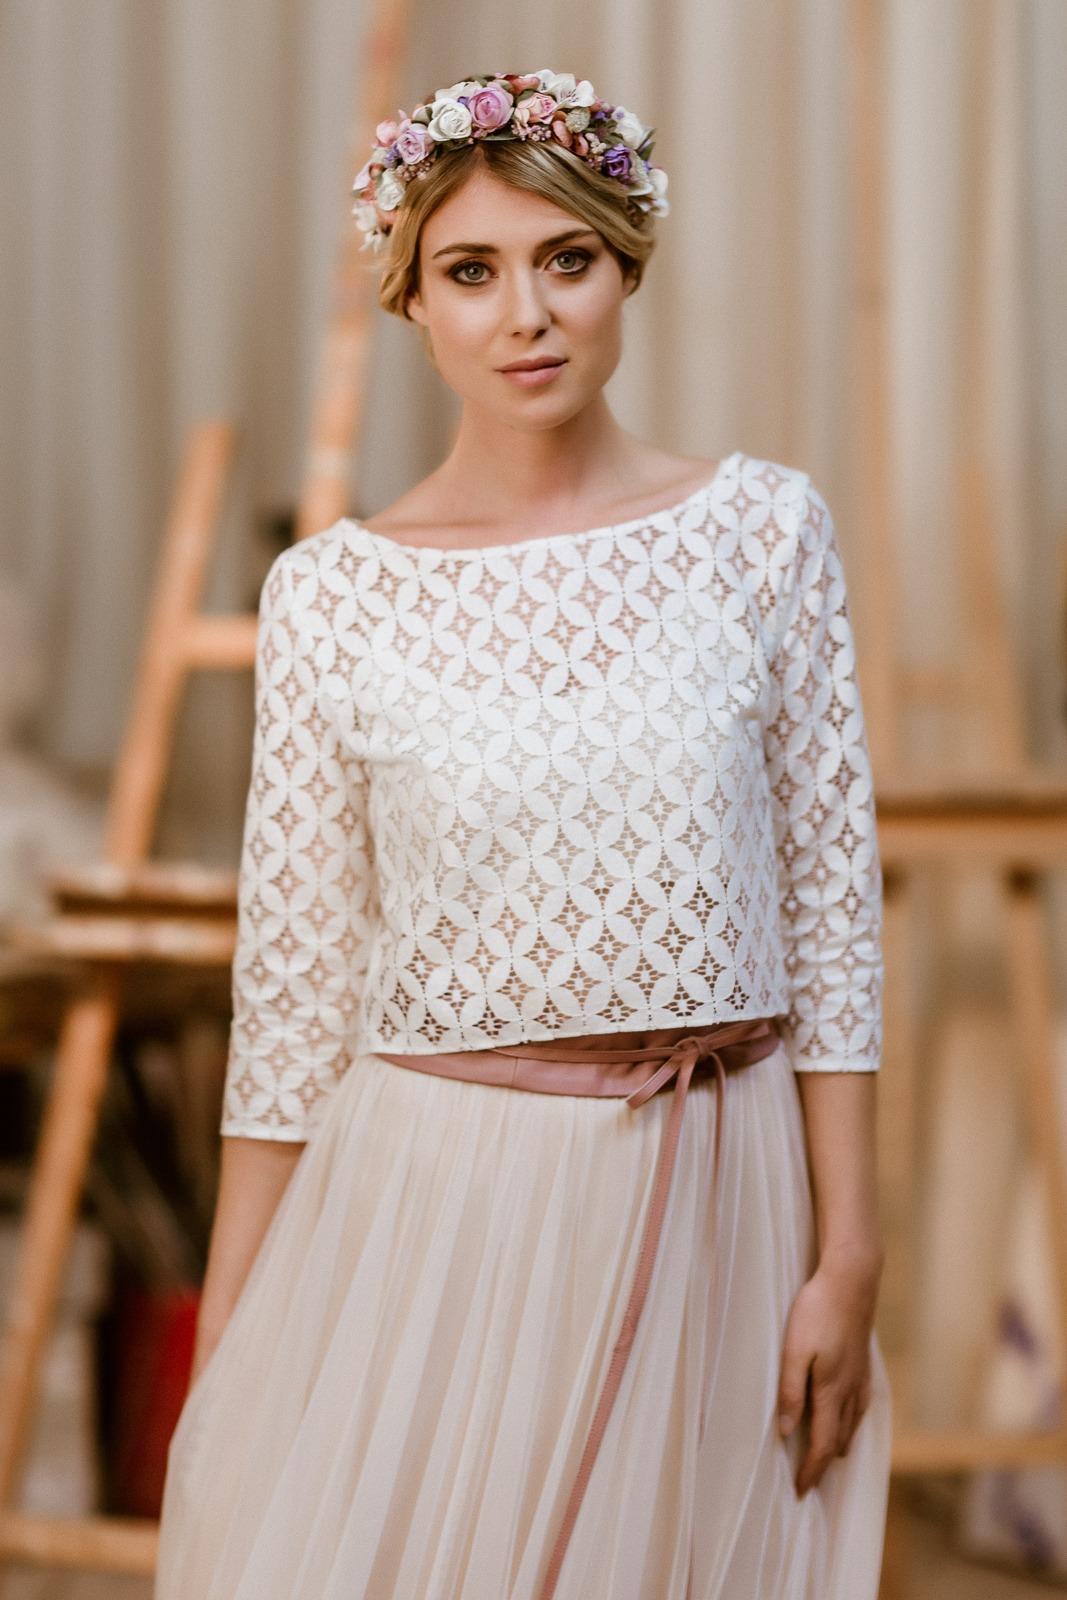 noni Jubiläumskollektion | langes Brautkleid mit Tüllrock in Puderrosa und Spitzentop, Frontalansicht (Foto: Le Hai Linh)